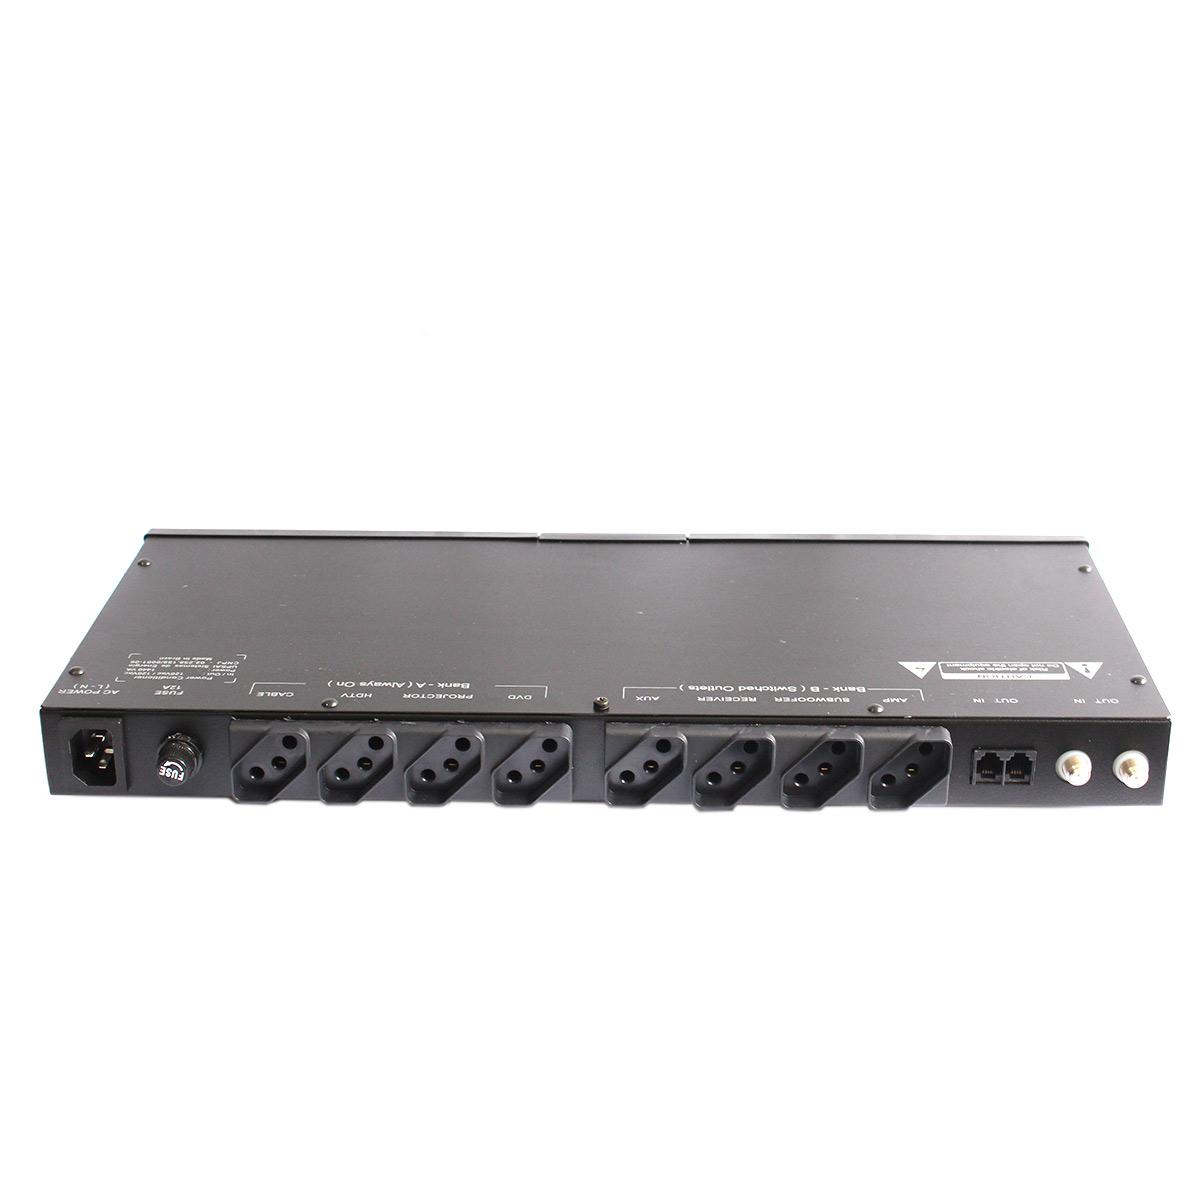 ACF1700S - Condicionador de Energia 1440VA 110V ACF 1700S - Upsai